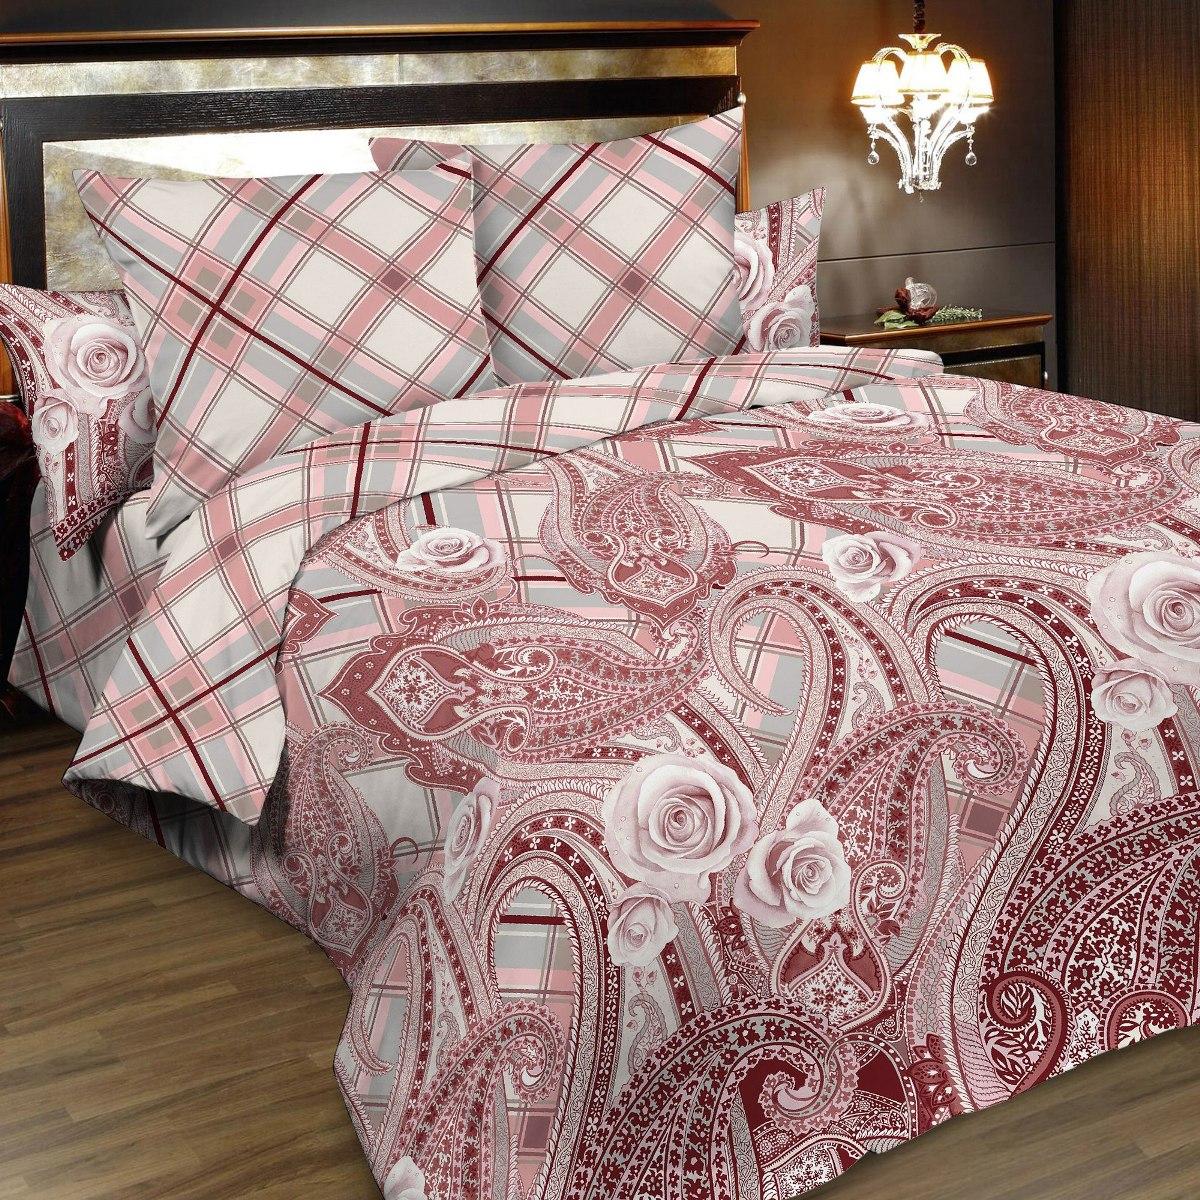 Комплект белья Letto, 1,5-спальный, наволочки 70х70, цвет: розовый. B169-3B169-3Серия Letto «Традиция» выполнена из классической российской бязи, привычной для большинства российских покупательниц. Ткань плотная (125гр/м), используются современные устойчивые красители. Традиционная российская бязь выгодно отличается от импортных аналогов по цене, при том, что сама ткань и толще, меньше сминается и служит намного дольше. Рекомендуется перед первым использованием постирать, но не пересушивать. Применение кондиционера при стирке сделает такое постельное белье мягче и комфортней. Пододеяльник на молнии. Обращаем внимание, что расцветка наволочек может отличаться от представленной на фото.